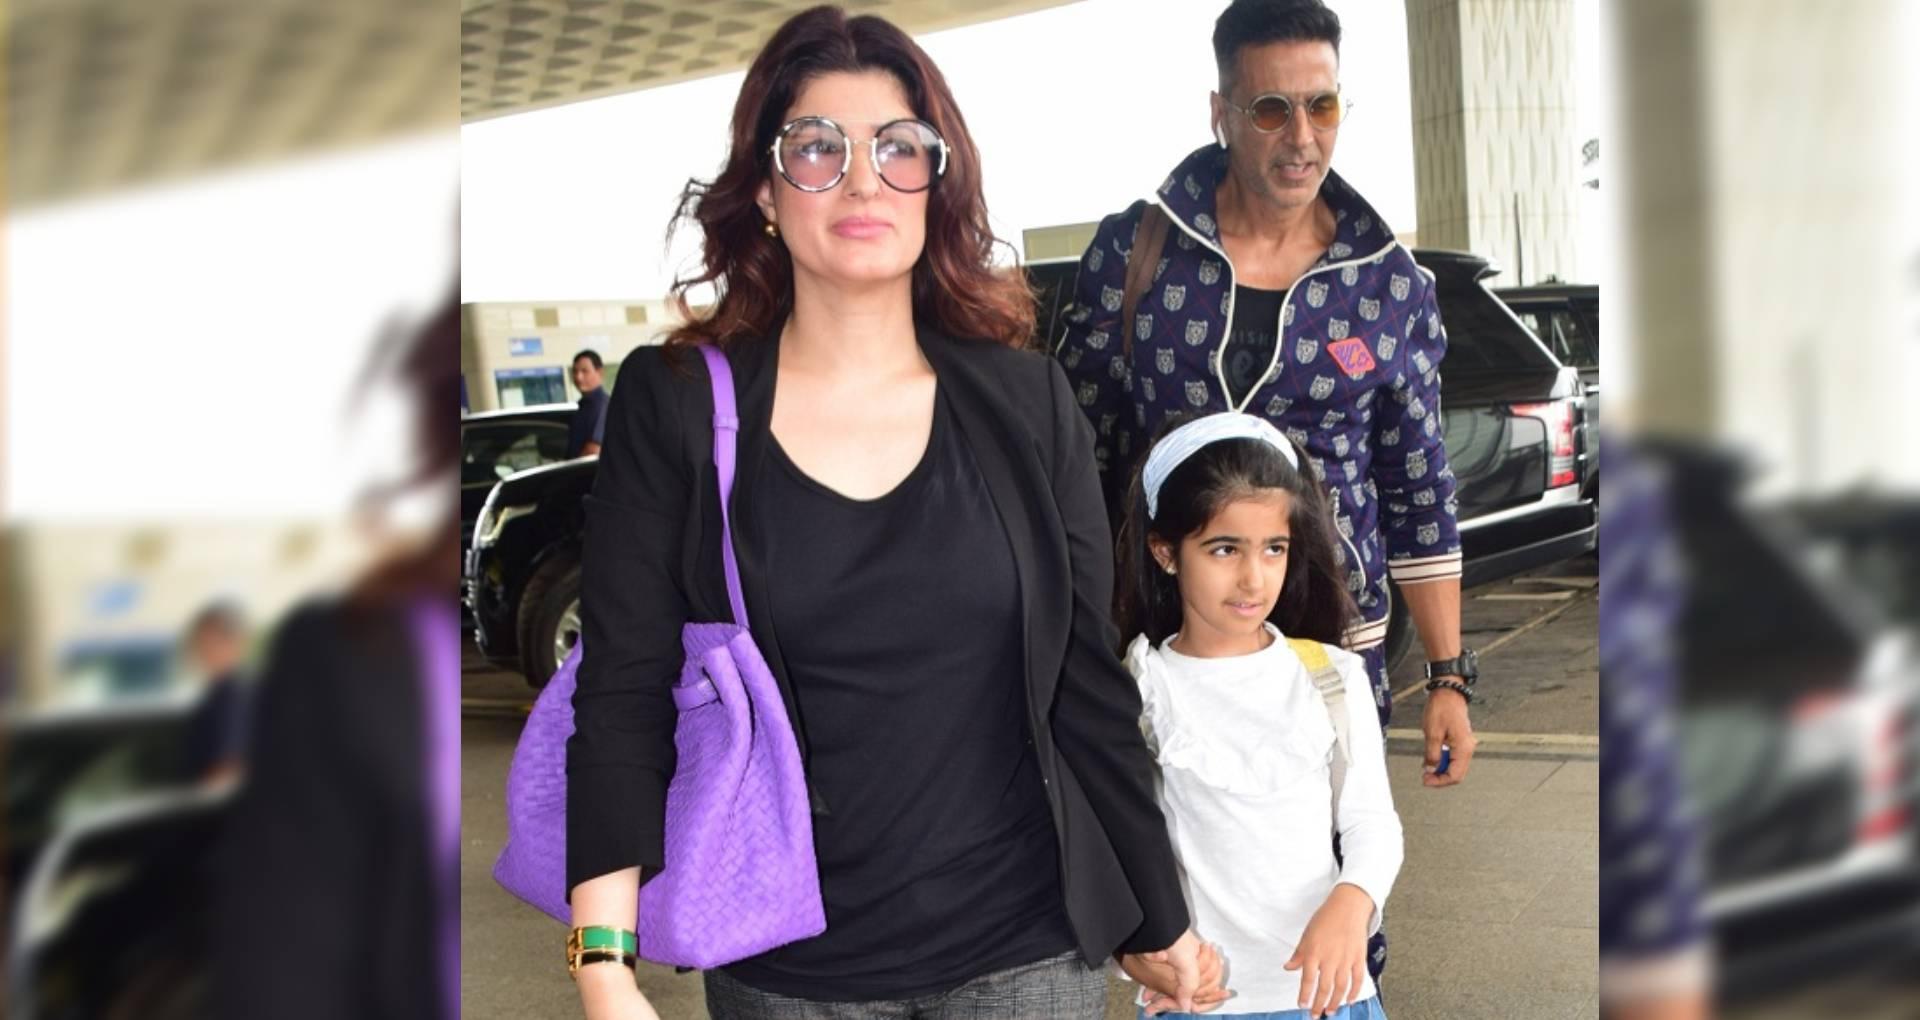 भारी बारिश के बीच अक्षय कुमार पत्नी और बेटी संग लंदन के लिए हुए रवाना, ट्विकंल खन्ना ने ऐसे जताई खुशी